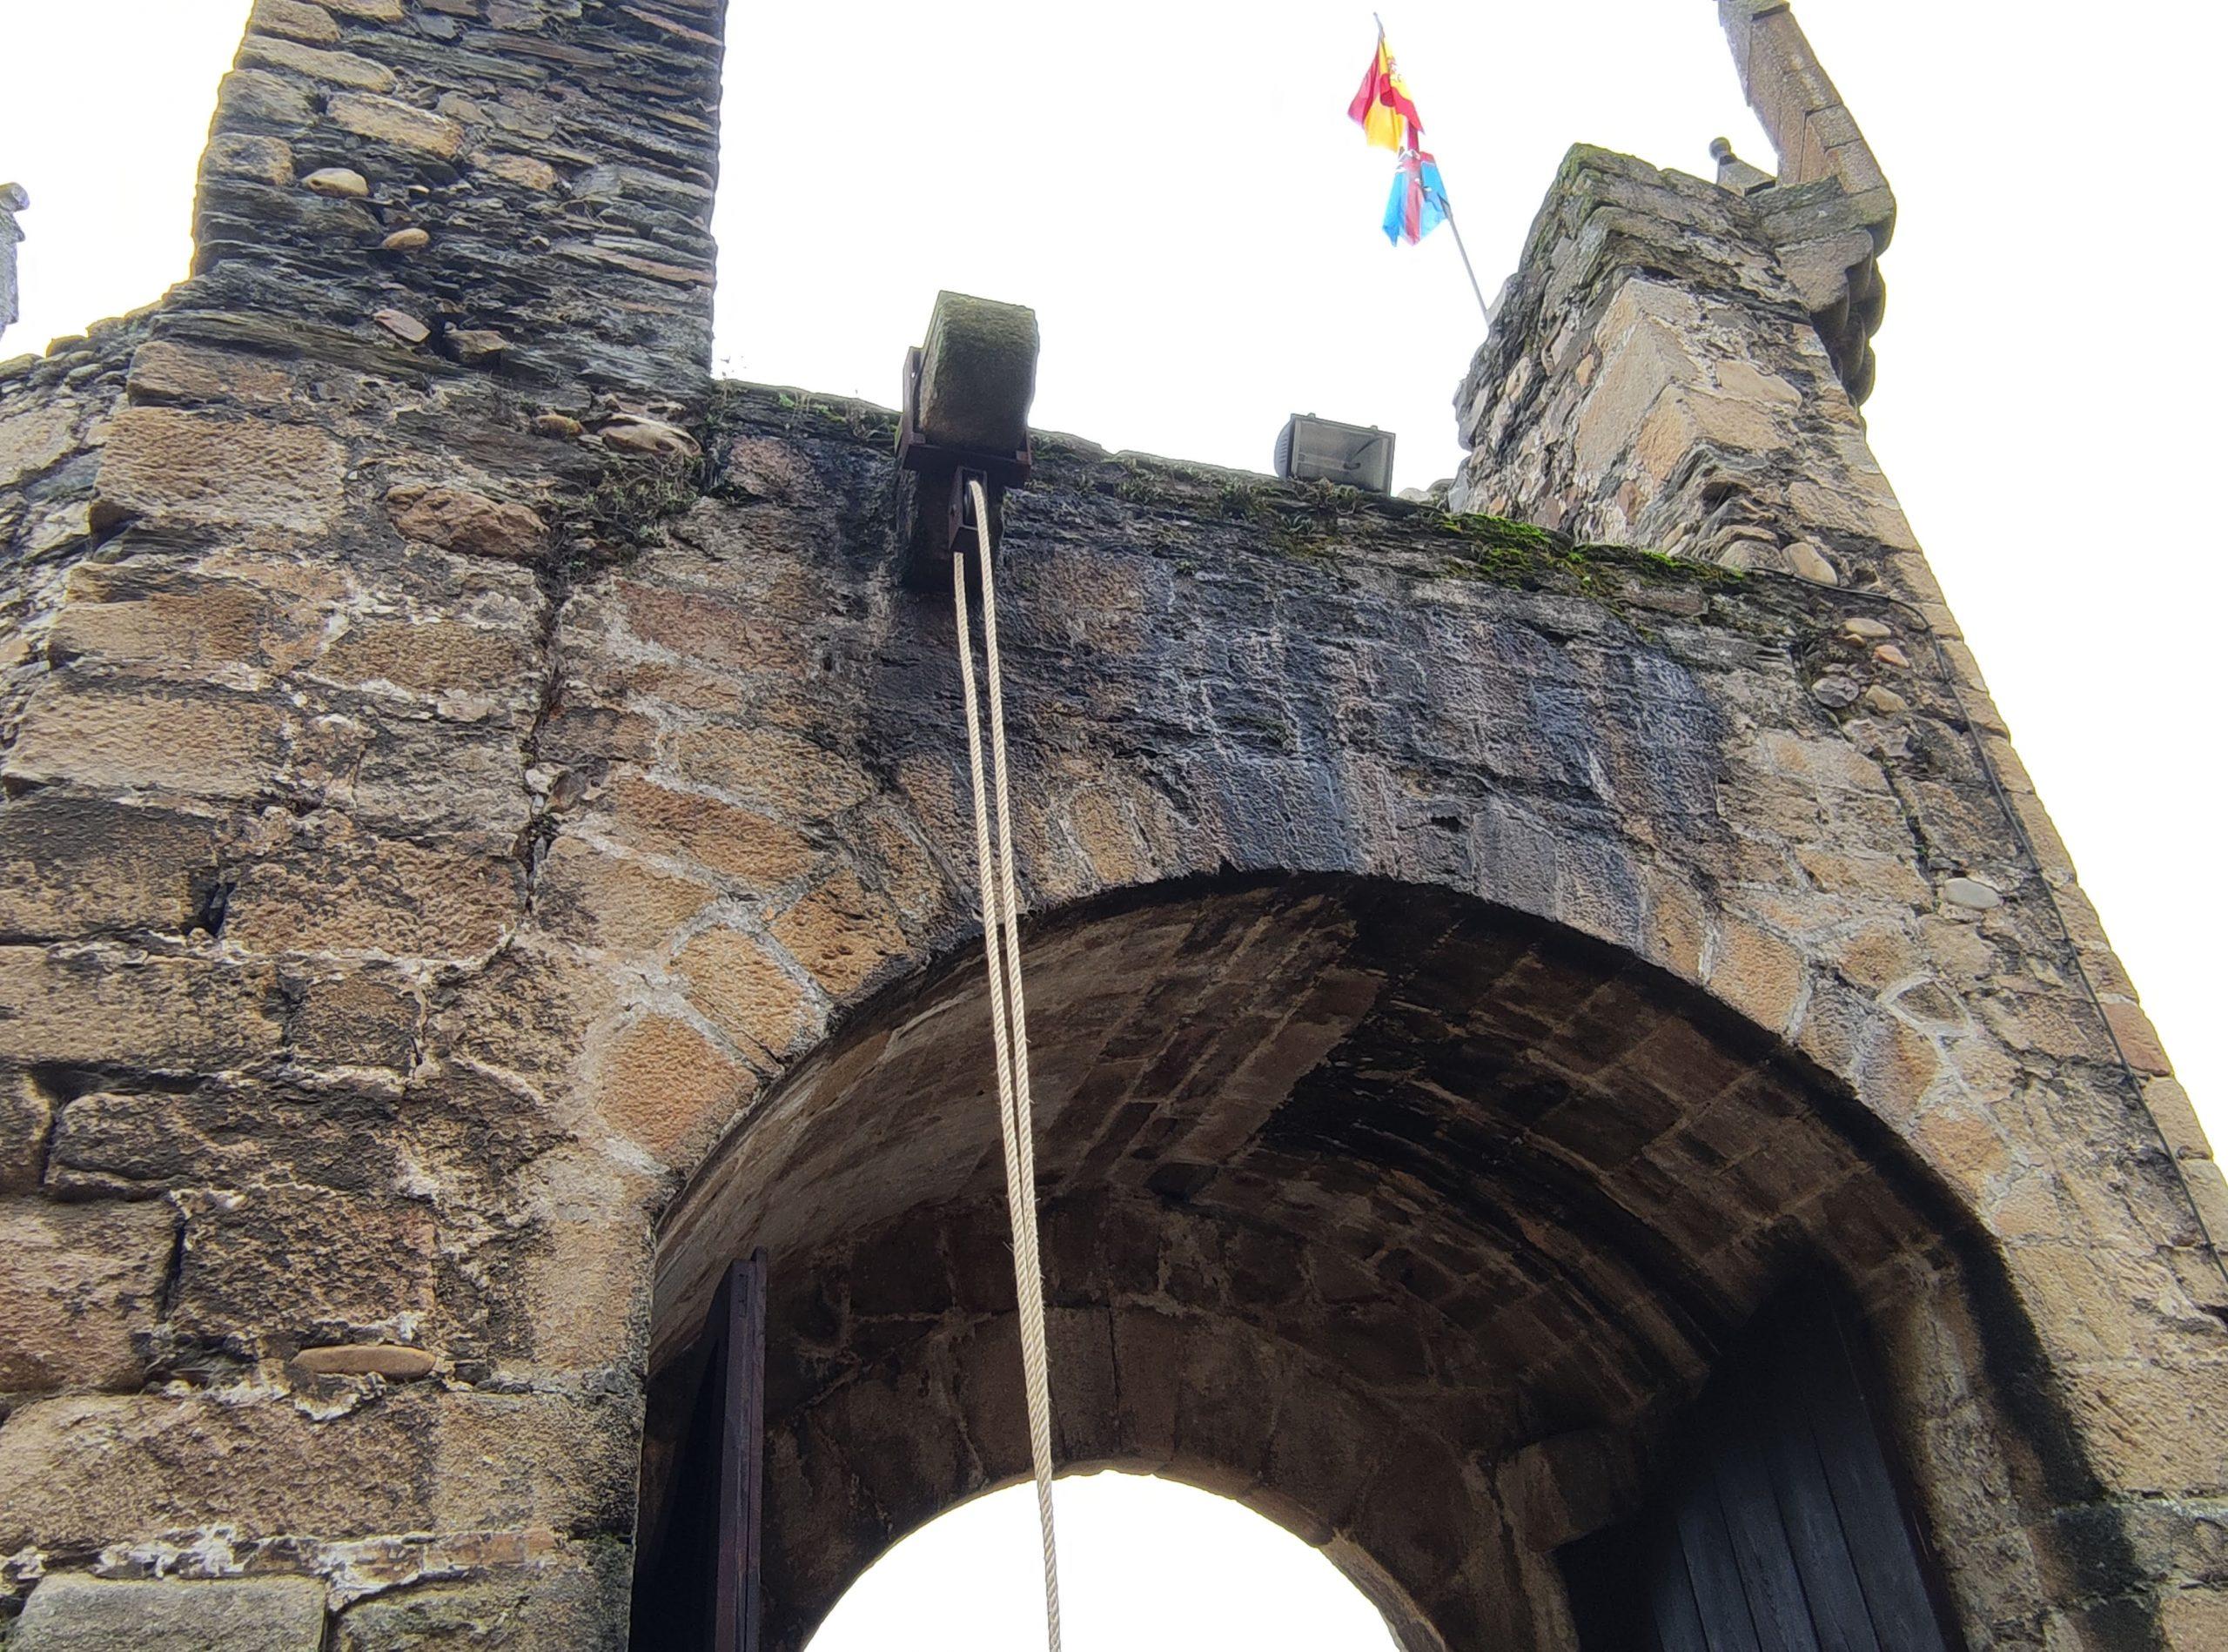 Terminan las obras de restauración del acceso al Castillo de los Templarios de Ponferrada con la recuperación del puente levadizo 4